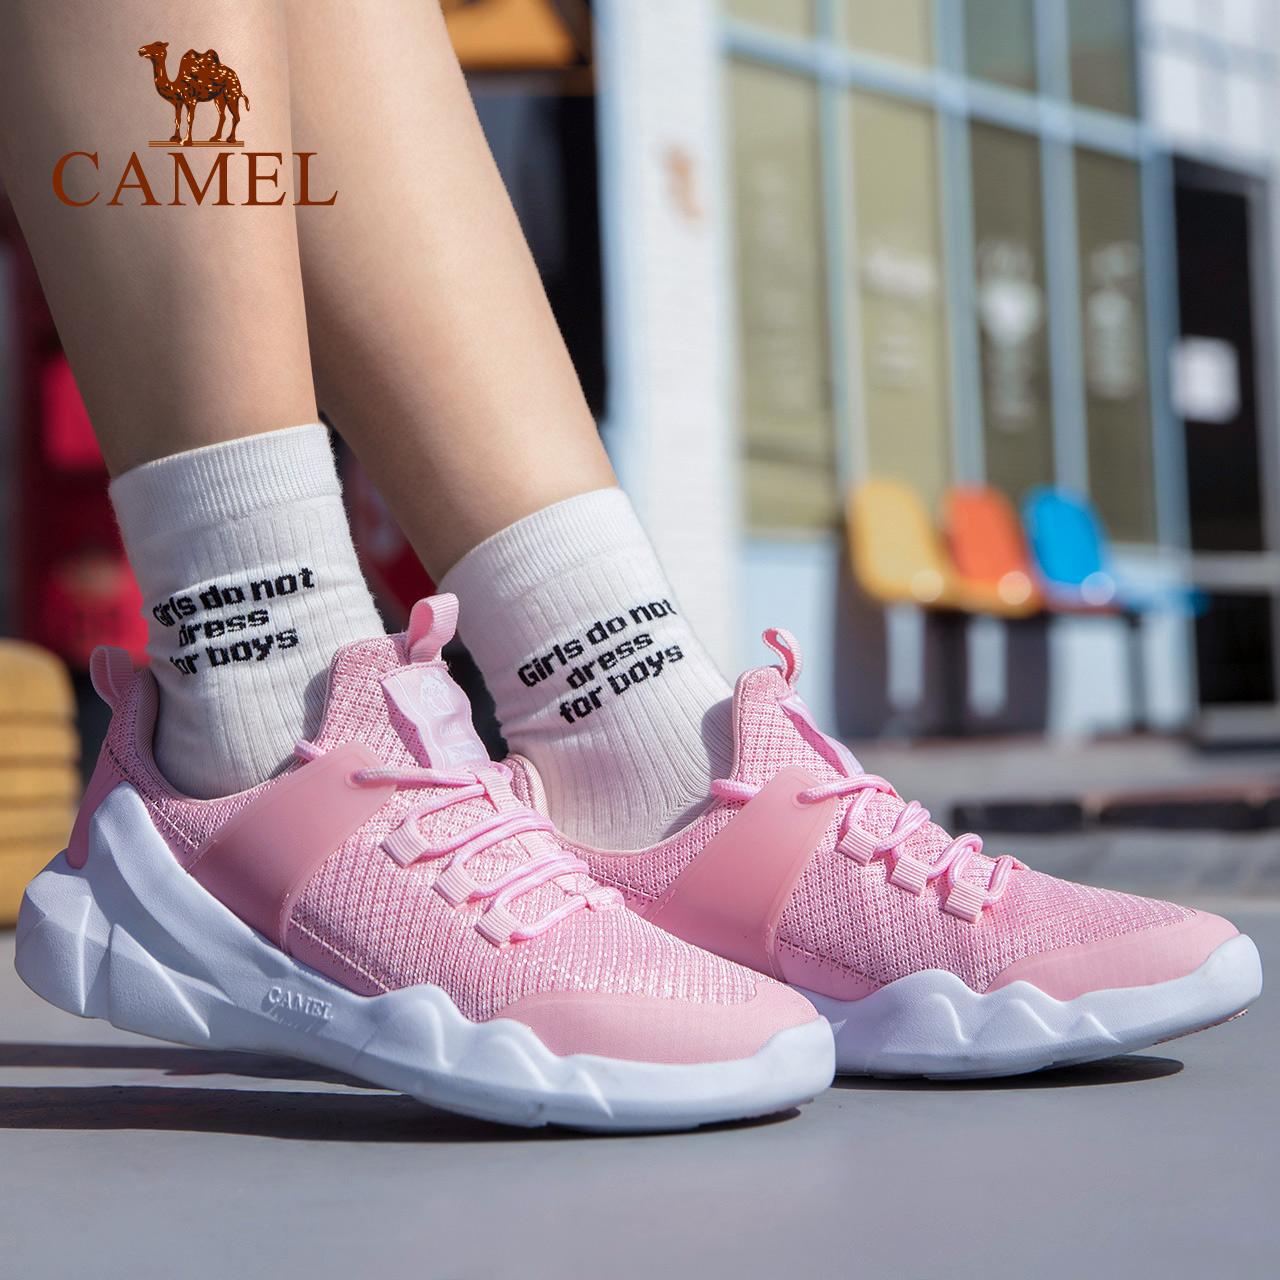 骆驼运动鞋女款 透气排汗舒适减震防滑运动鞋 时尚运动休闲鞋